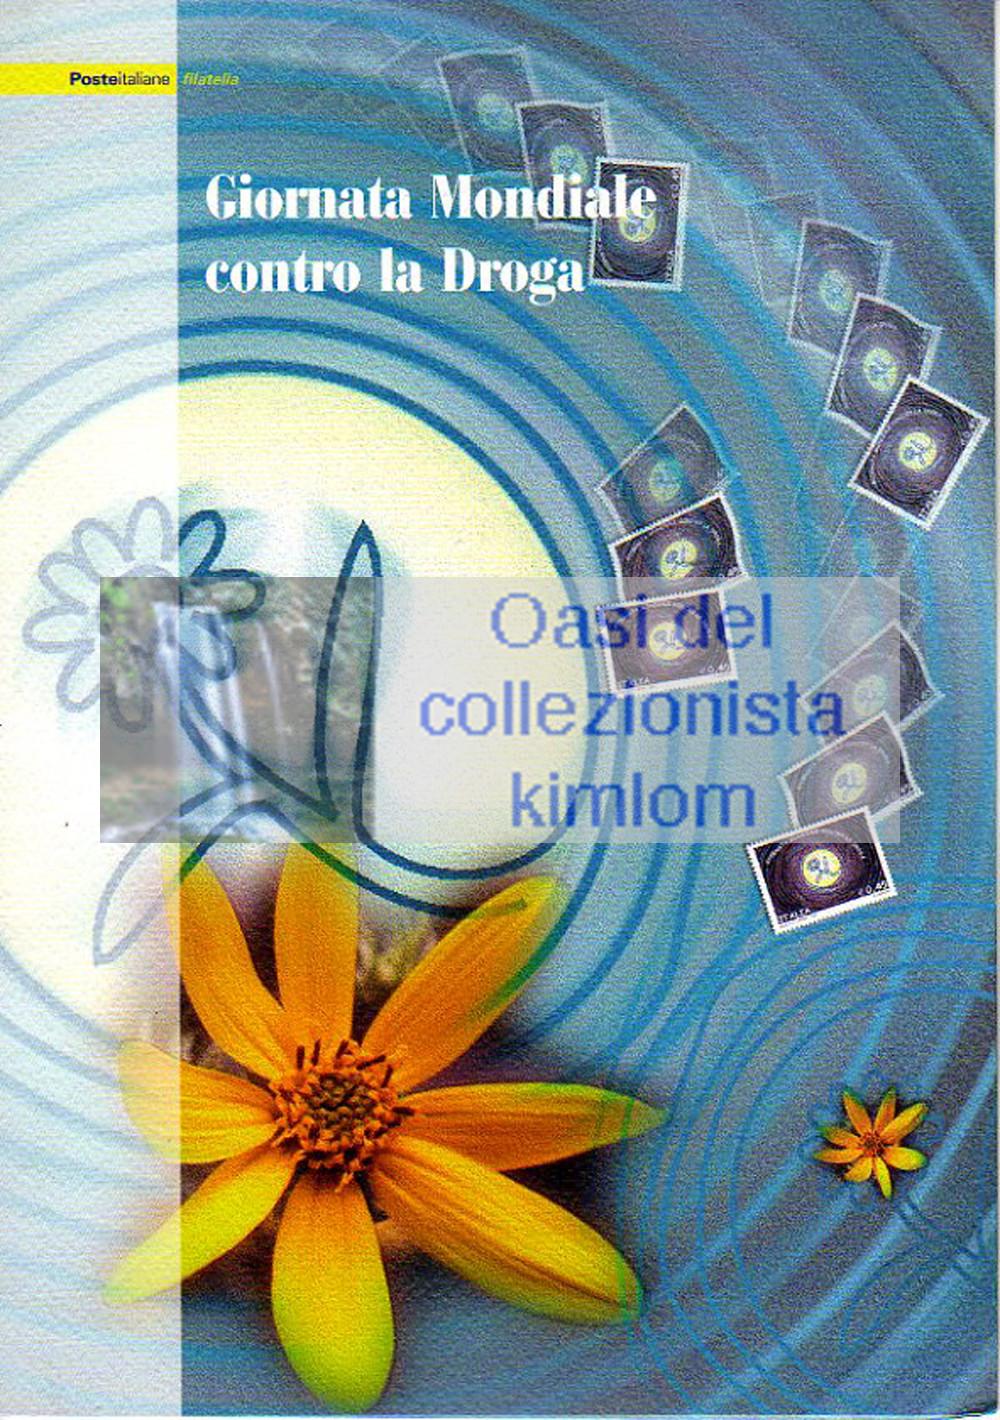 folder - Giornata Mondiale contro la droga